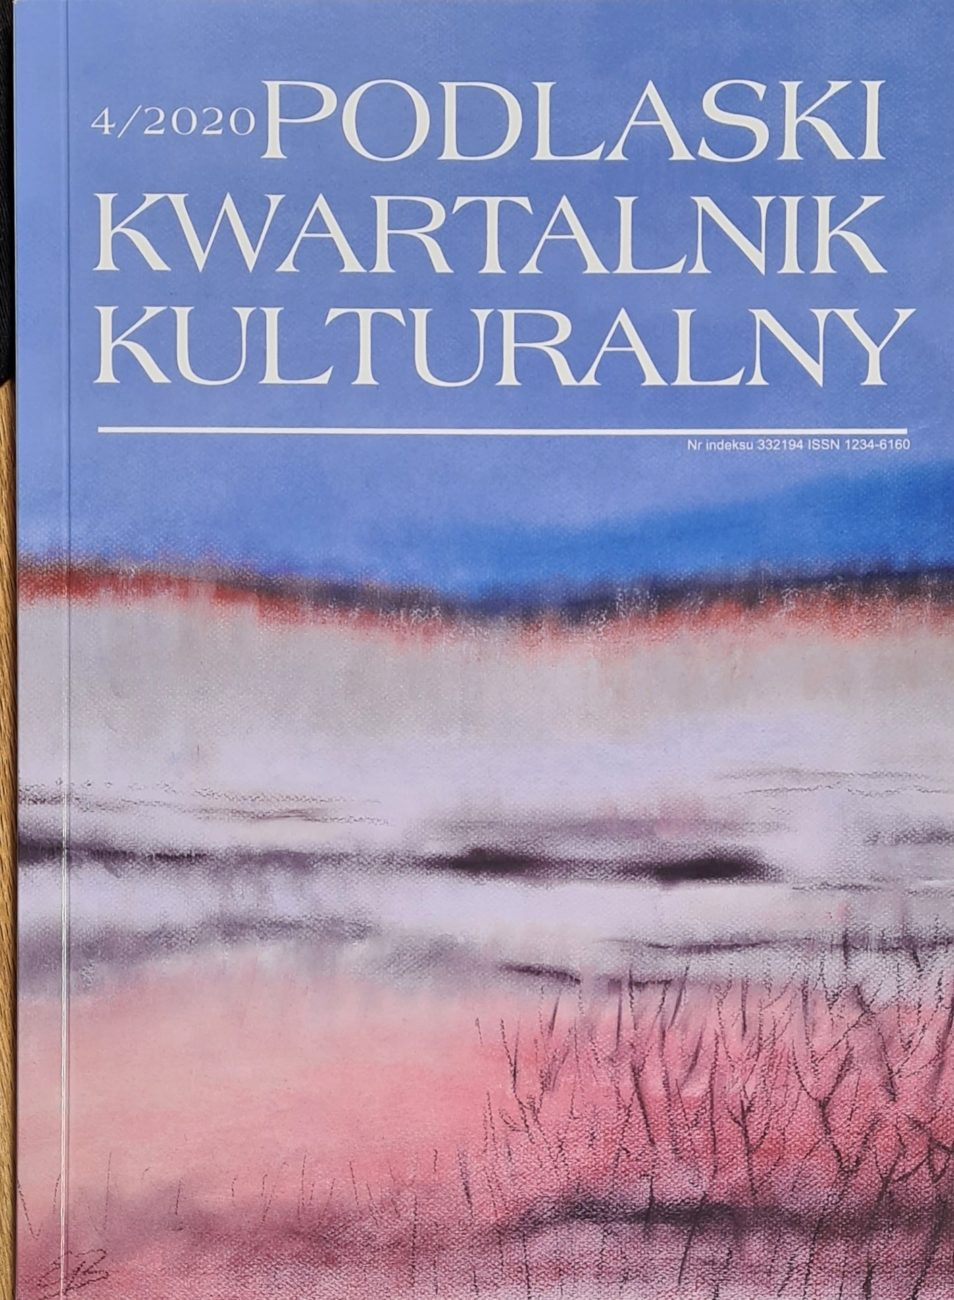 Nowe wydanie Podlaskiego Kwartalnika Kulturalnego